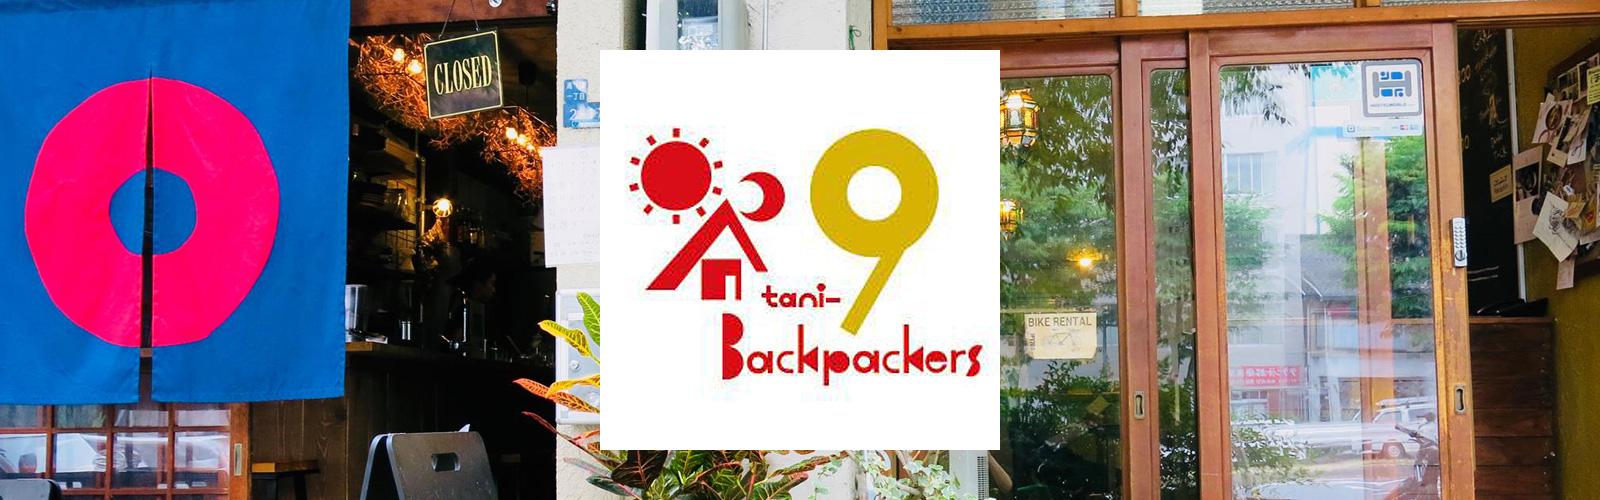 谷9バックパッカーズ大阪(大阪・谷町九丁目)